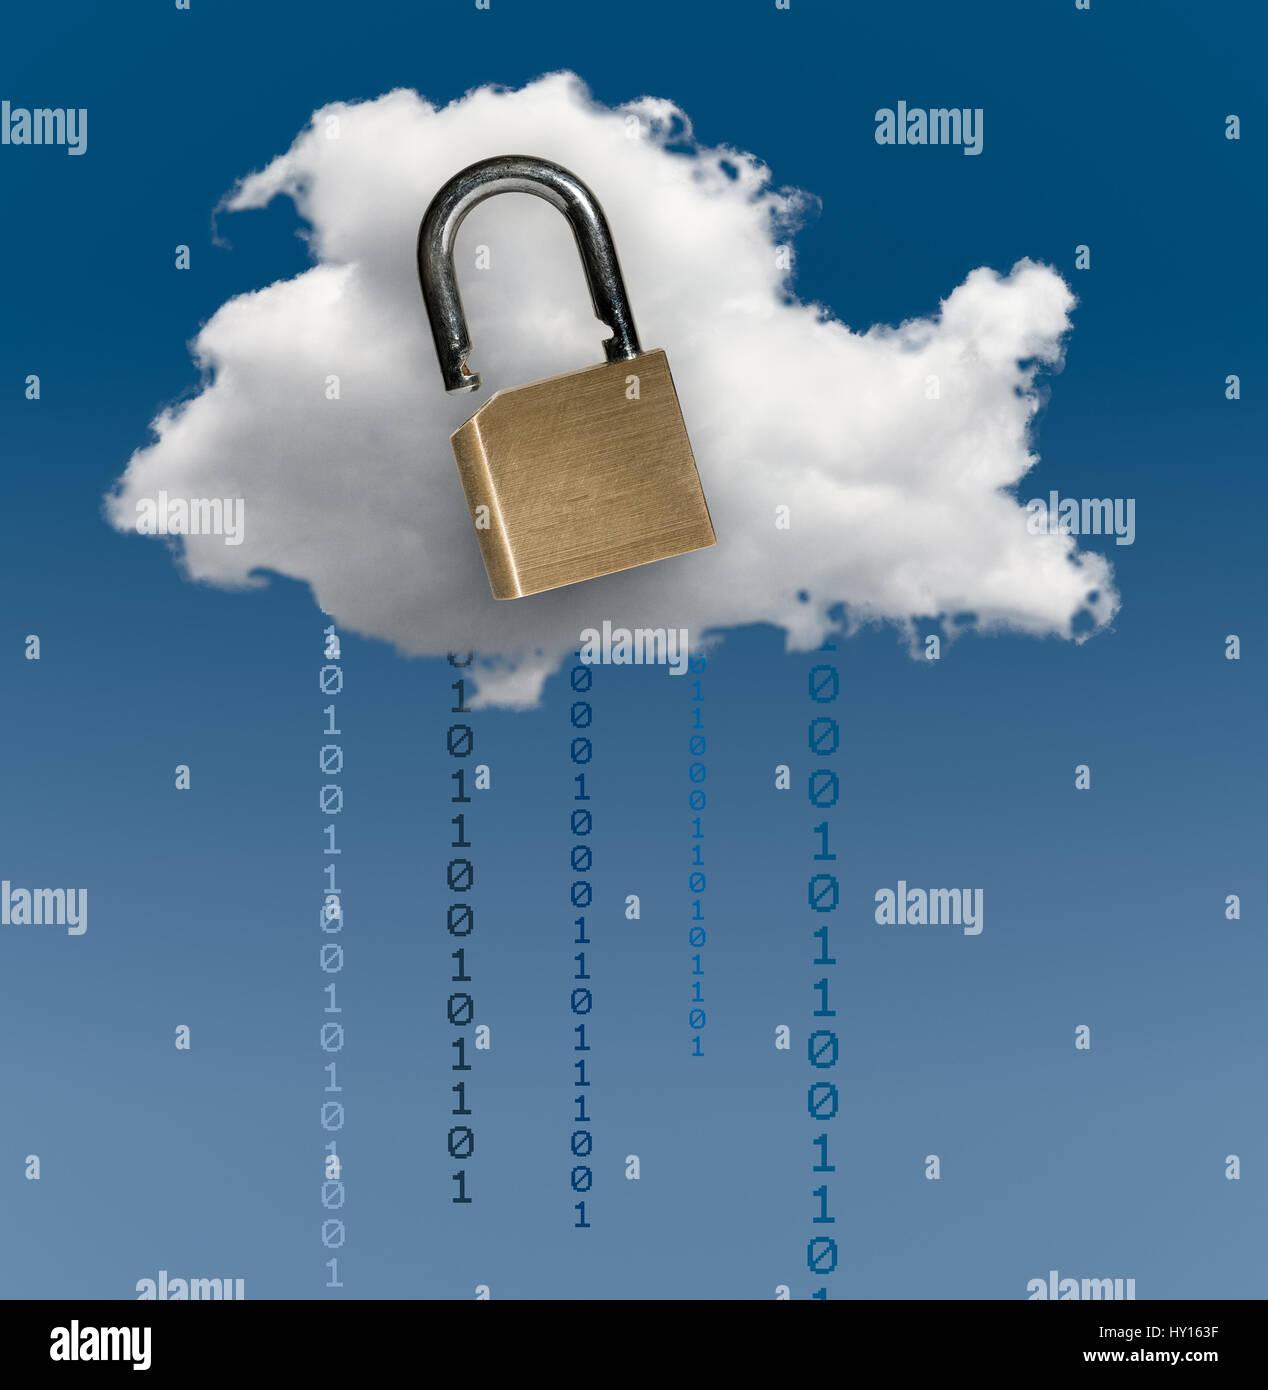 Concetto di immagine per il cloud computing cyber criminalità e sicurezza secure online che mostra le applicazioni Immagini Stock